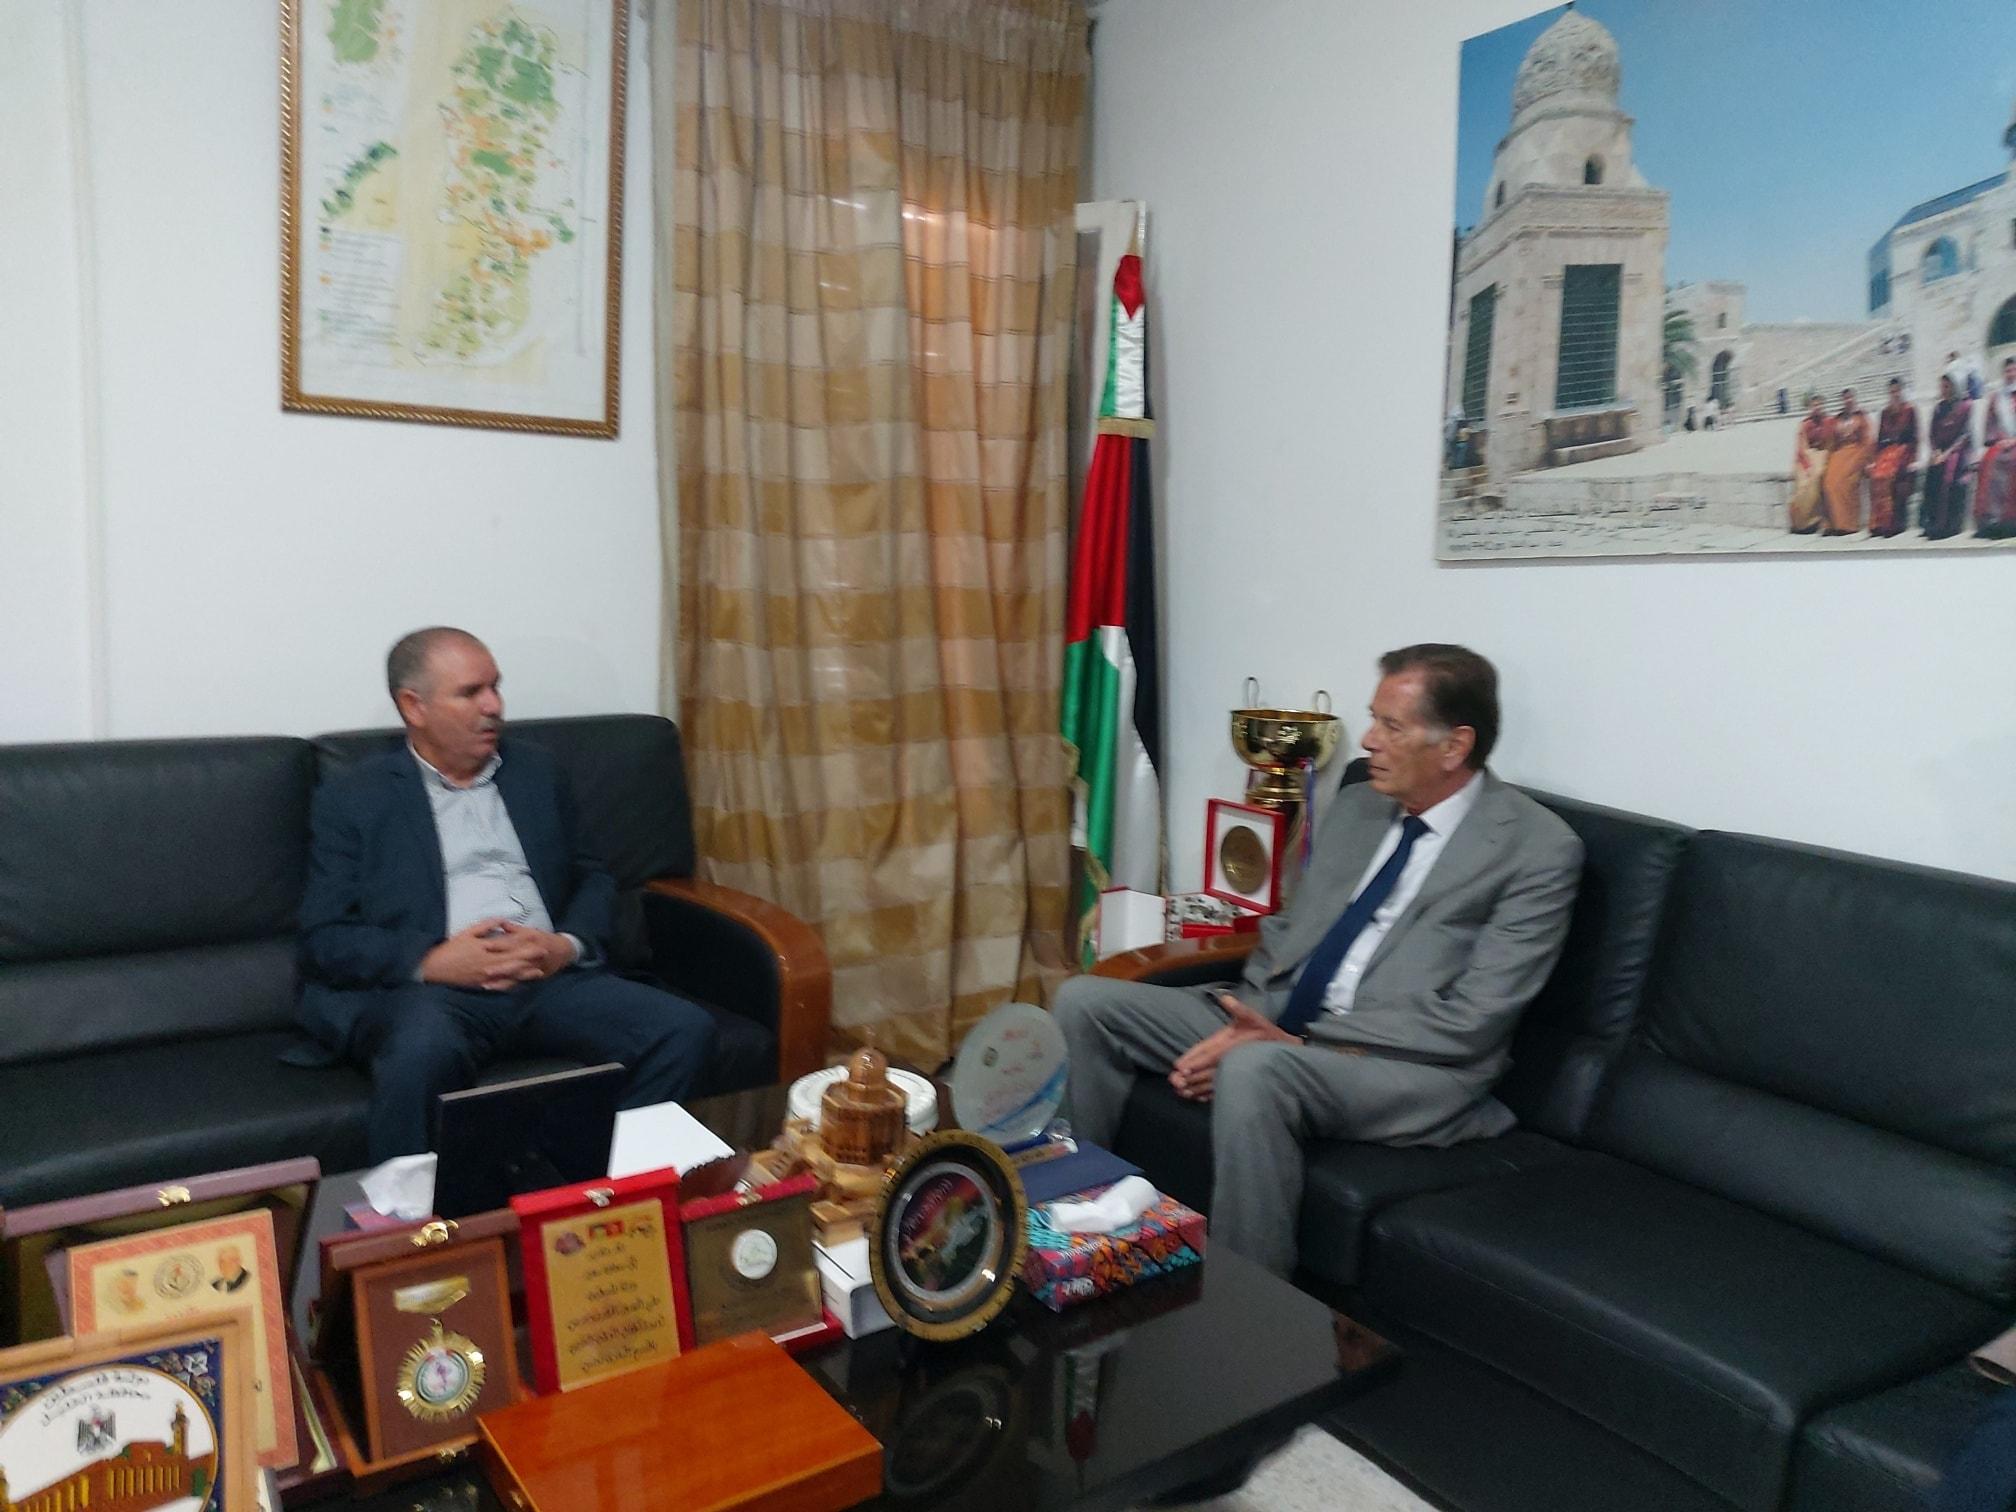 الطبوبي في لقاء بسفير فلسطين: ضرورة القيام بخطوات عمليّة للدفاع عن القضيّة